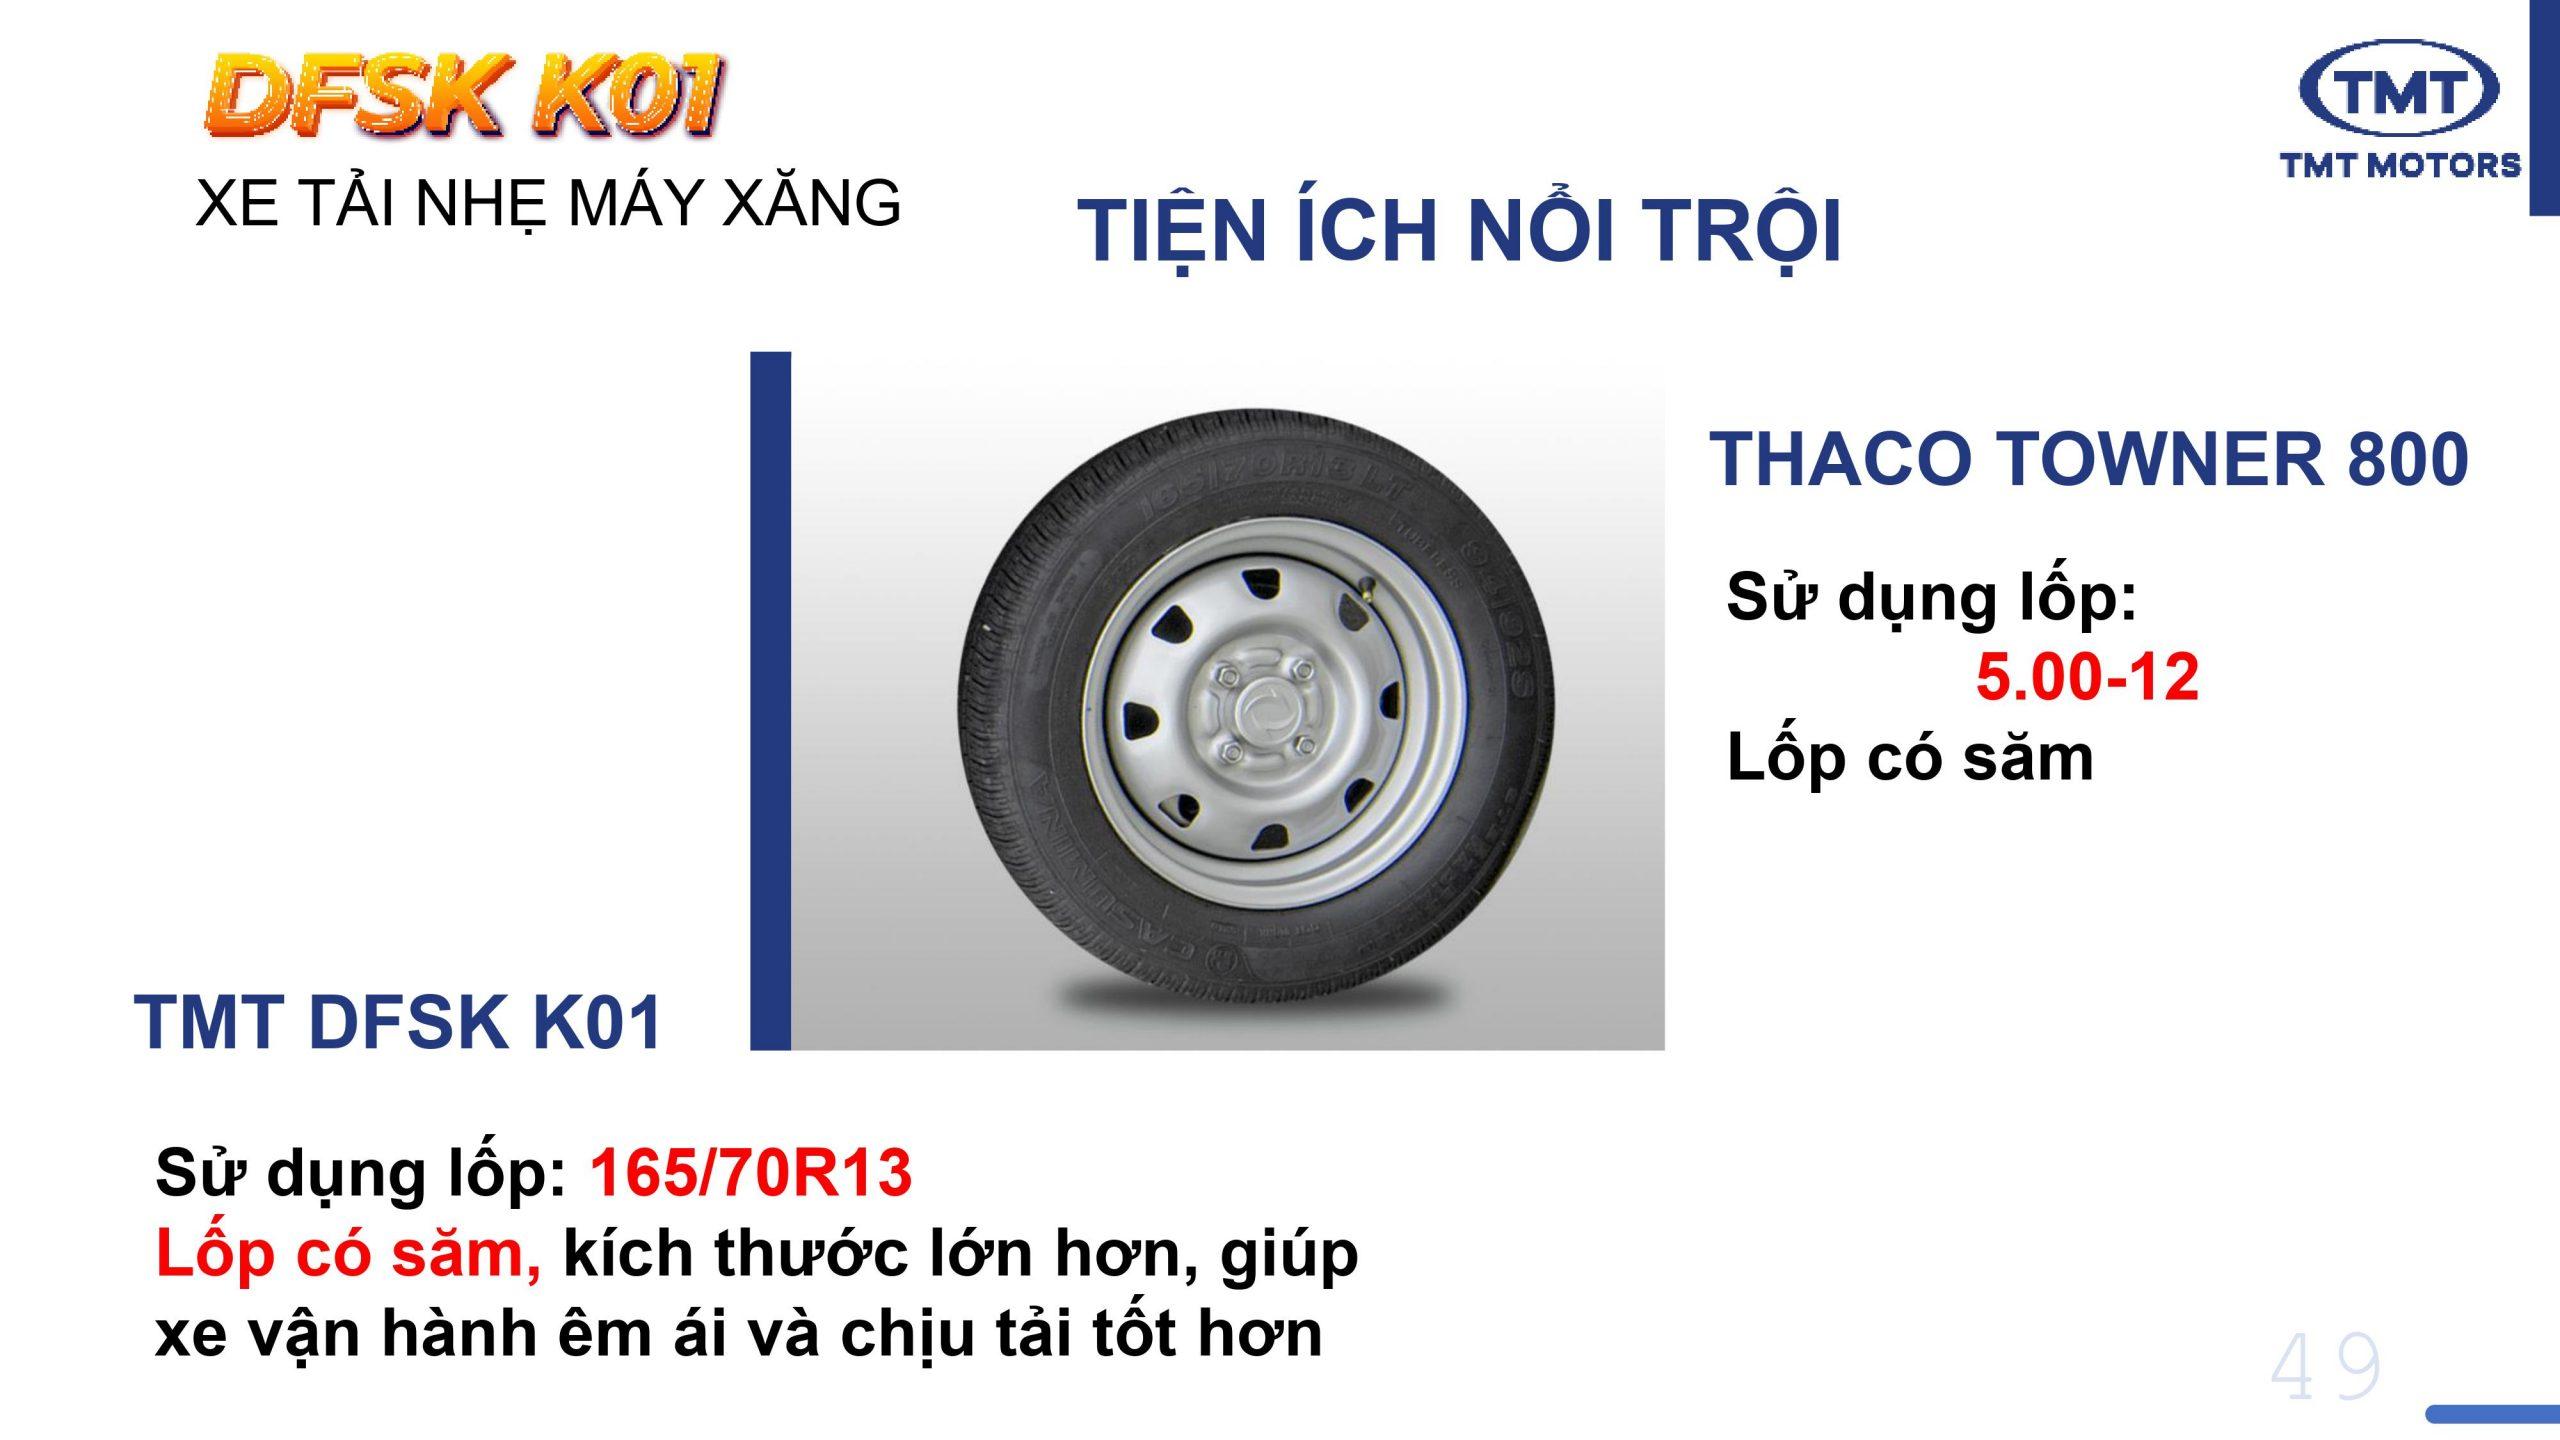 Lốp TMT K01